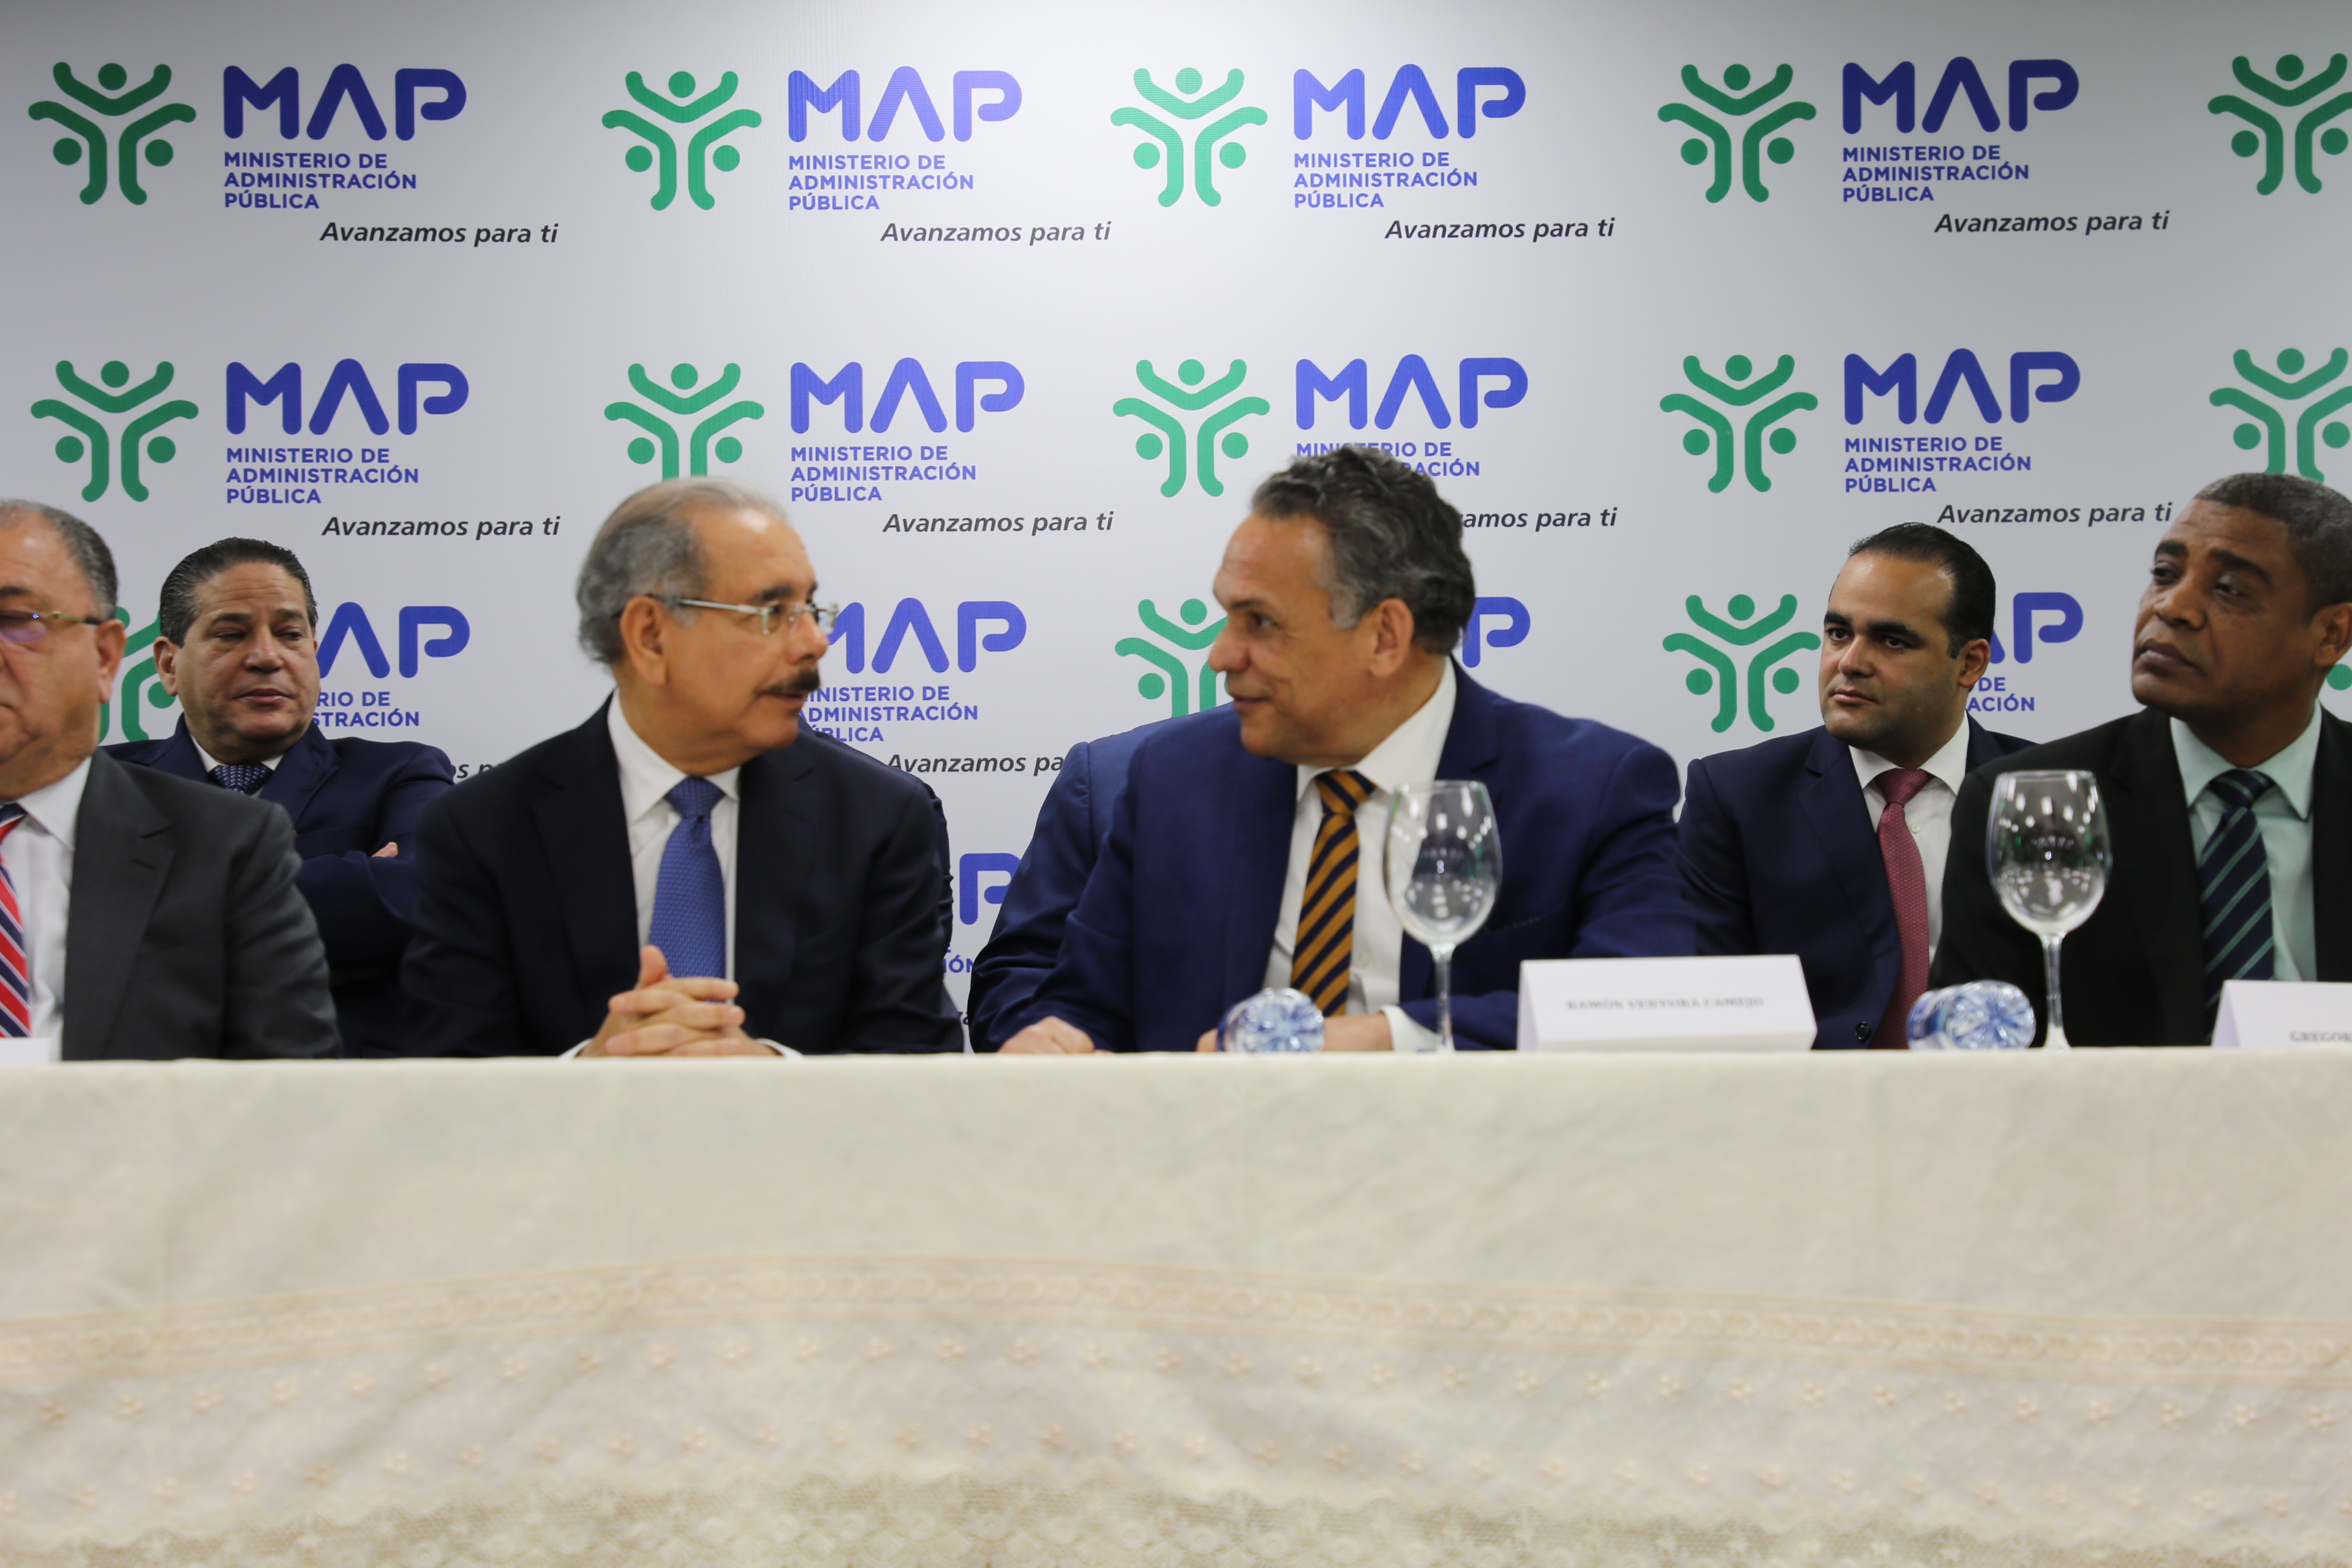 Proponen posicionamiento en SISMAP Municipal debe ser referente para presupuesto de Ayuntamientos